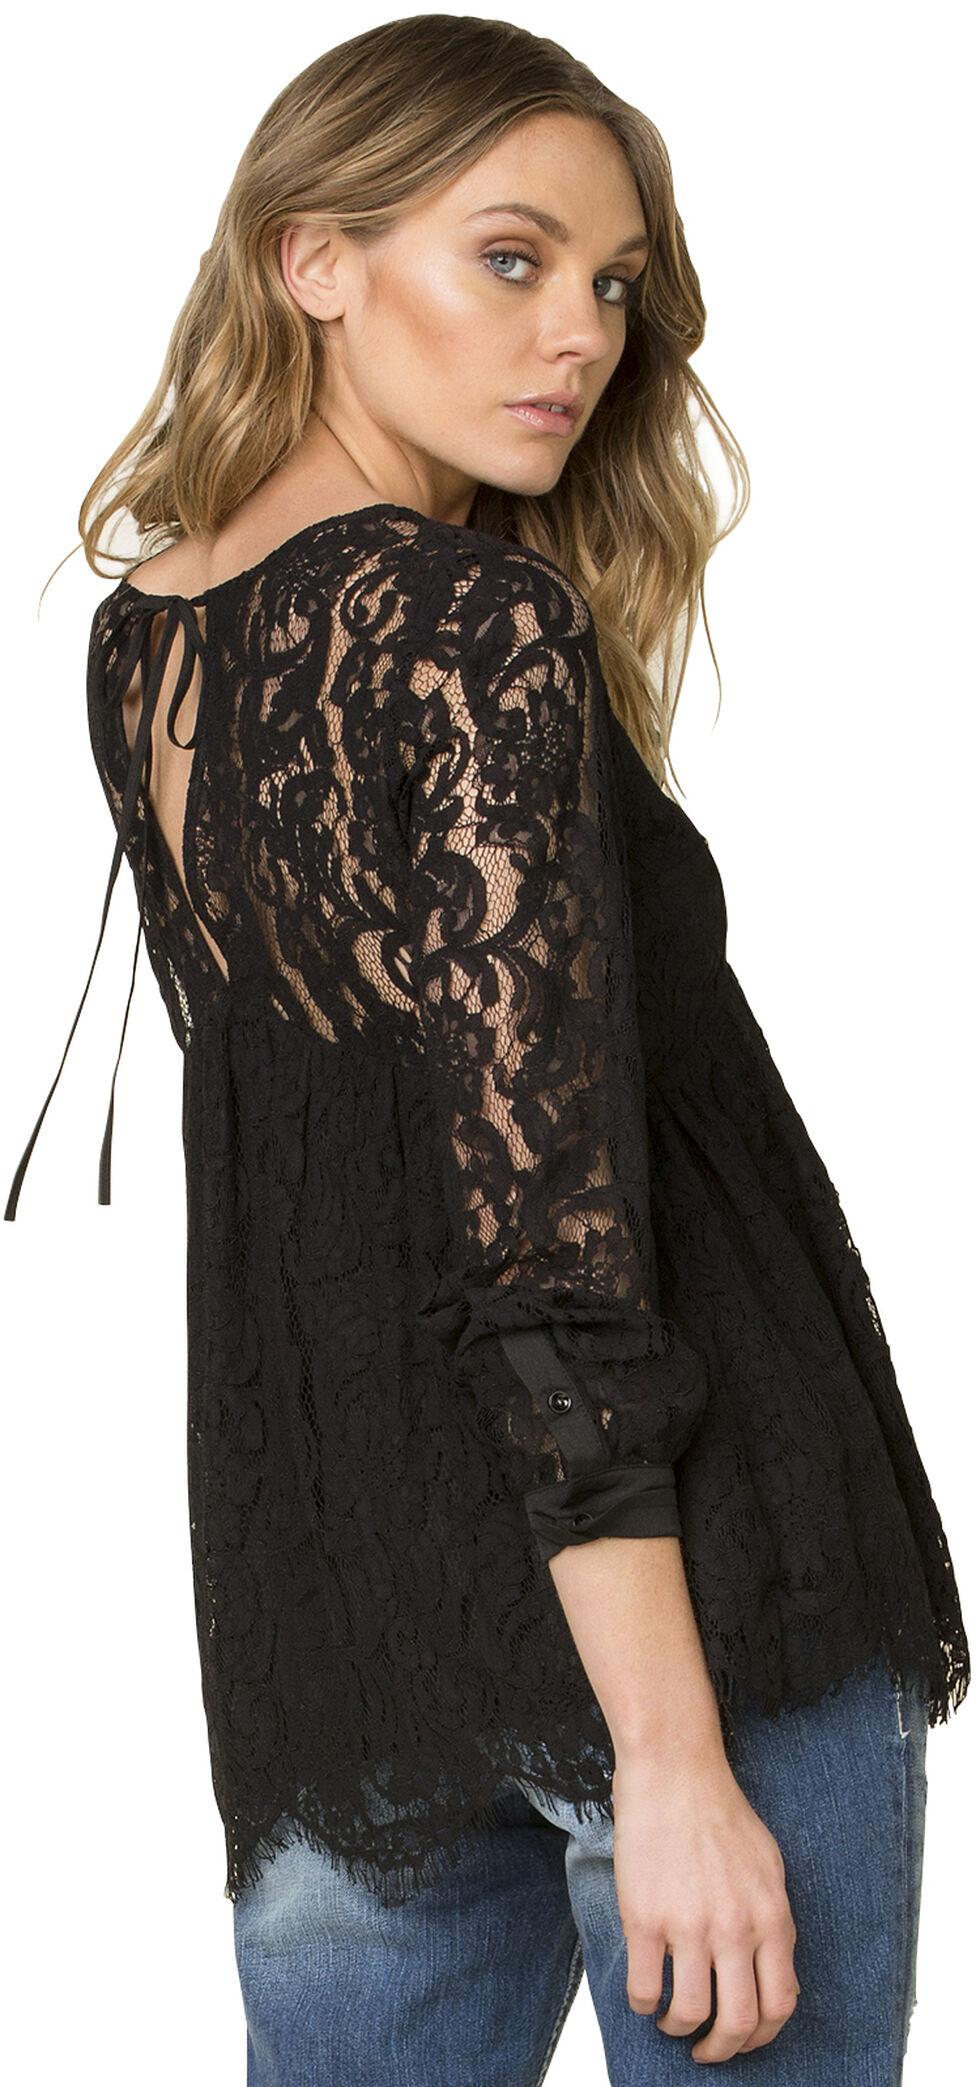 Miss Me Women's Black Lace Tie Back Top , Black, hi-res